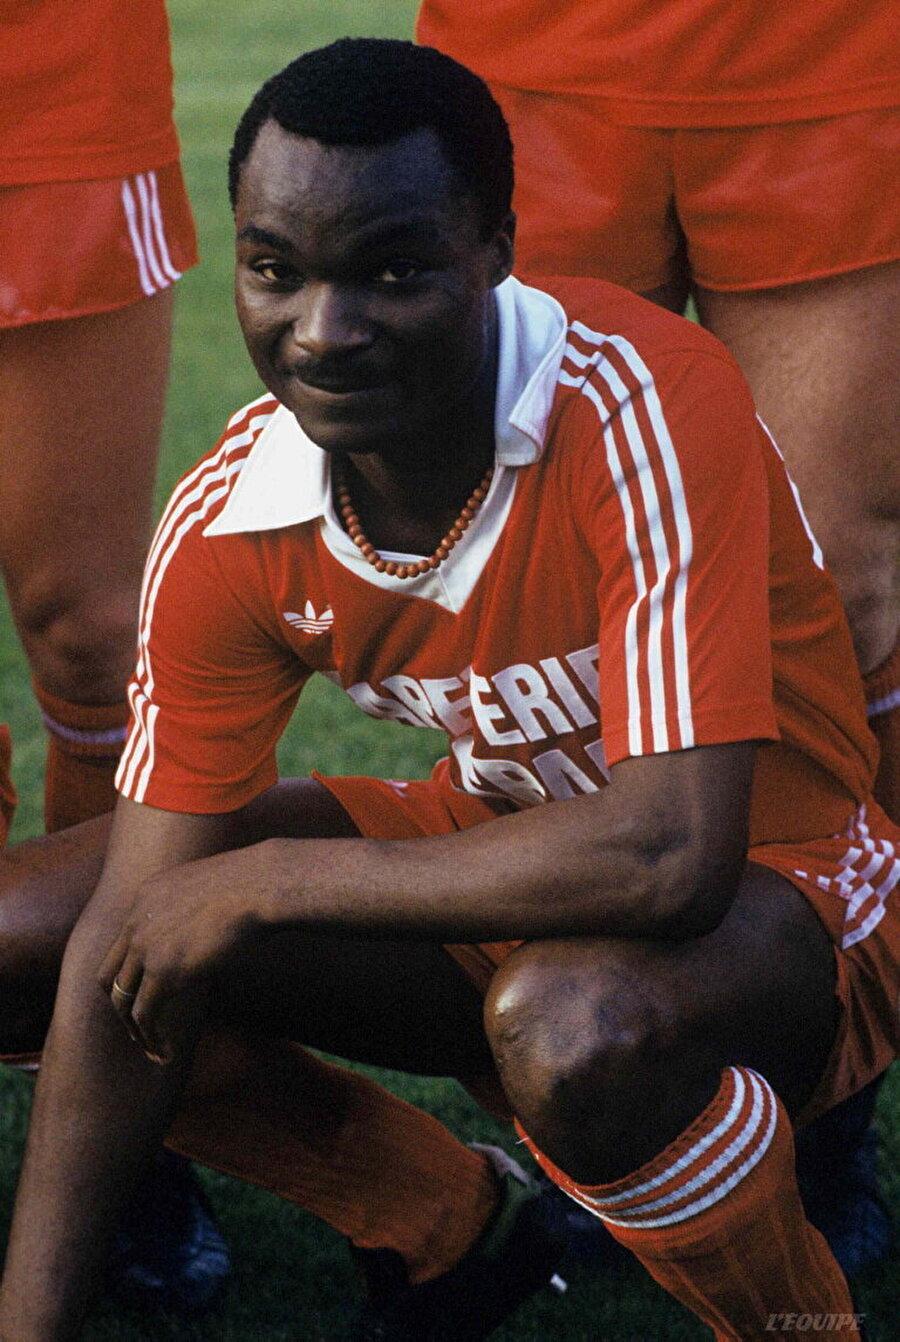 Kamerun ekibi Tonnerre ile 87 maça çıkan Milla, 69 gol atarak Avrupa ekiplerinin dikkatini çekti. Milla, 1977'de Fransız ekibi Valenciennes'e transfer oldu. 25 yaşında Fransa kariyeri başlayan golcü futbolcu uzun yıllar bu ülkede top koşturdu.